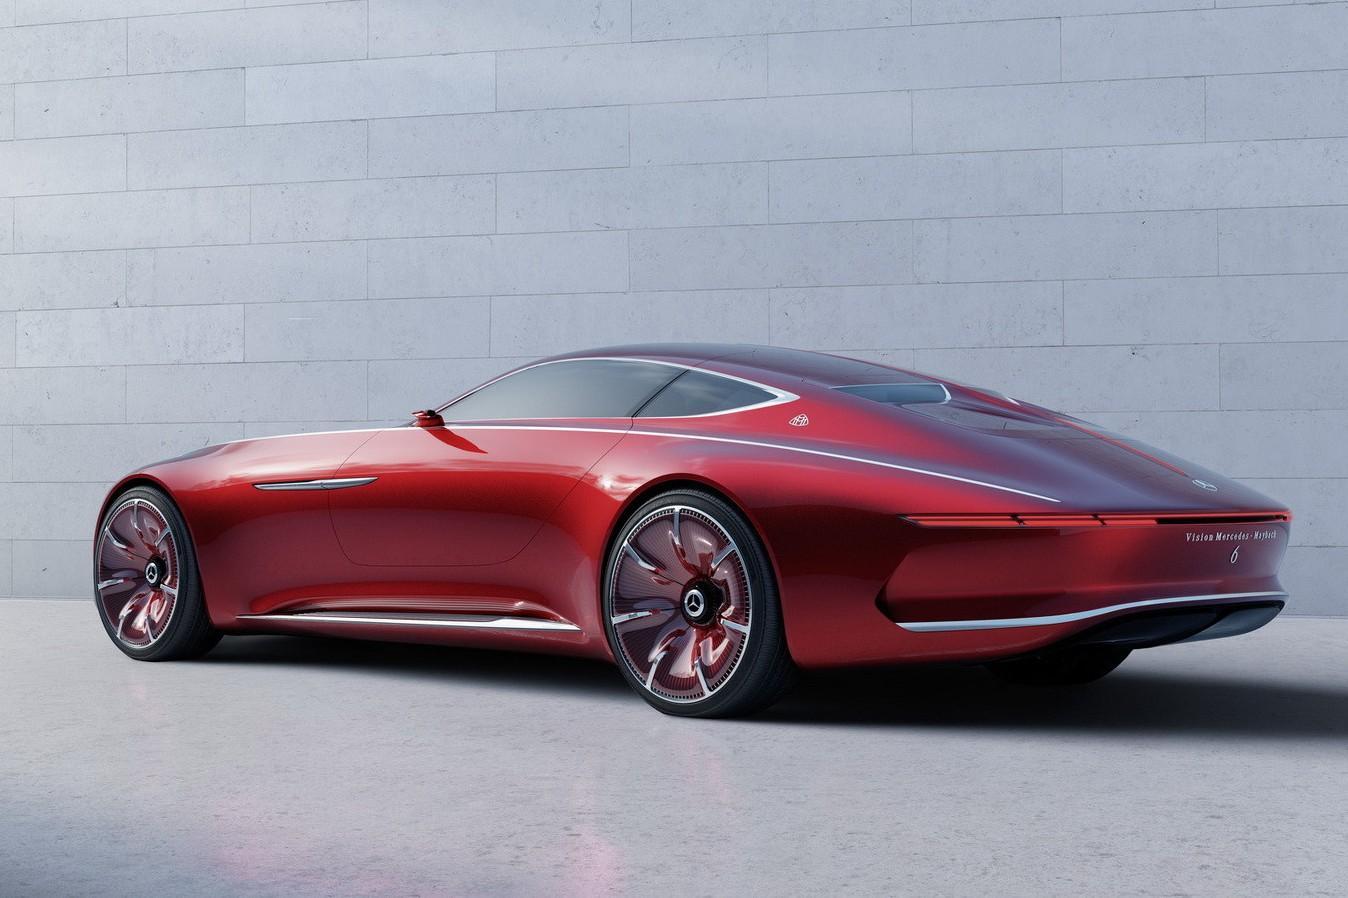 Огромное купе Mercedes-Maybach перестало быть секретом